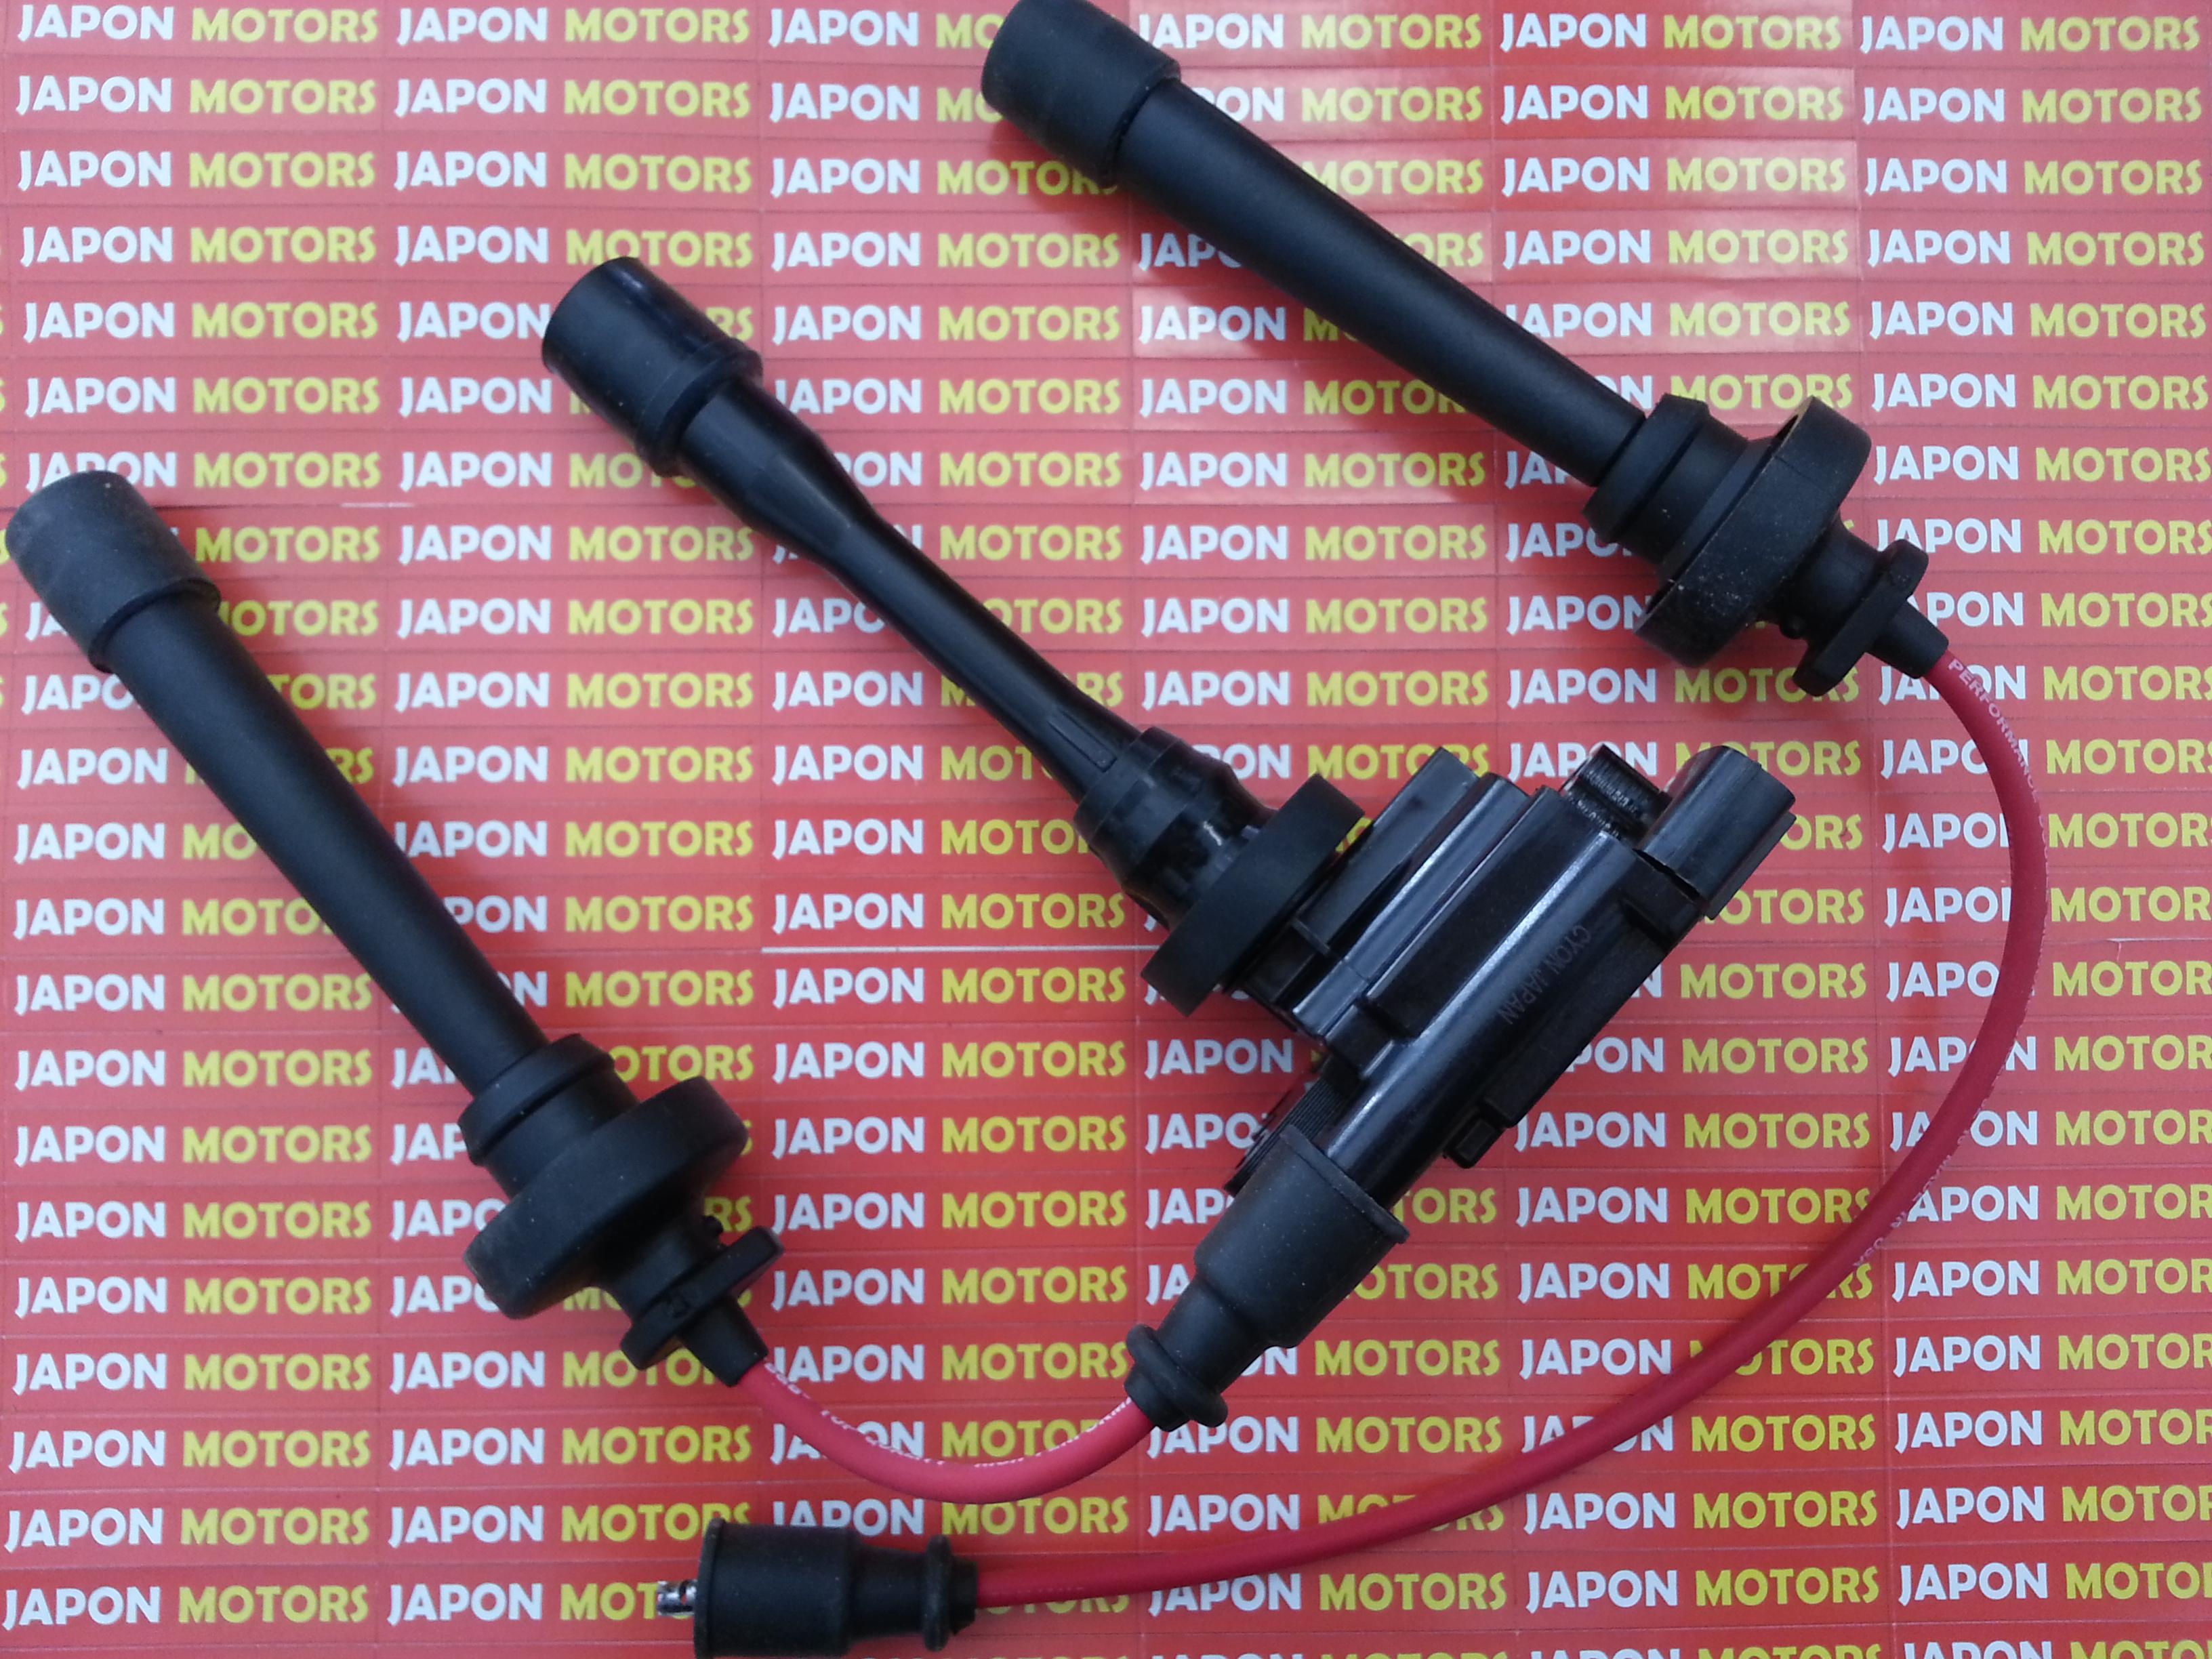 Kit 1 Bobina 1 Juego Cables Bujias Mitsubishi Lancer 4g18